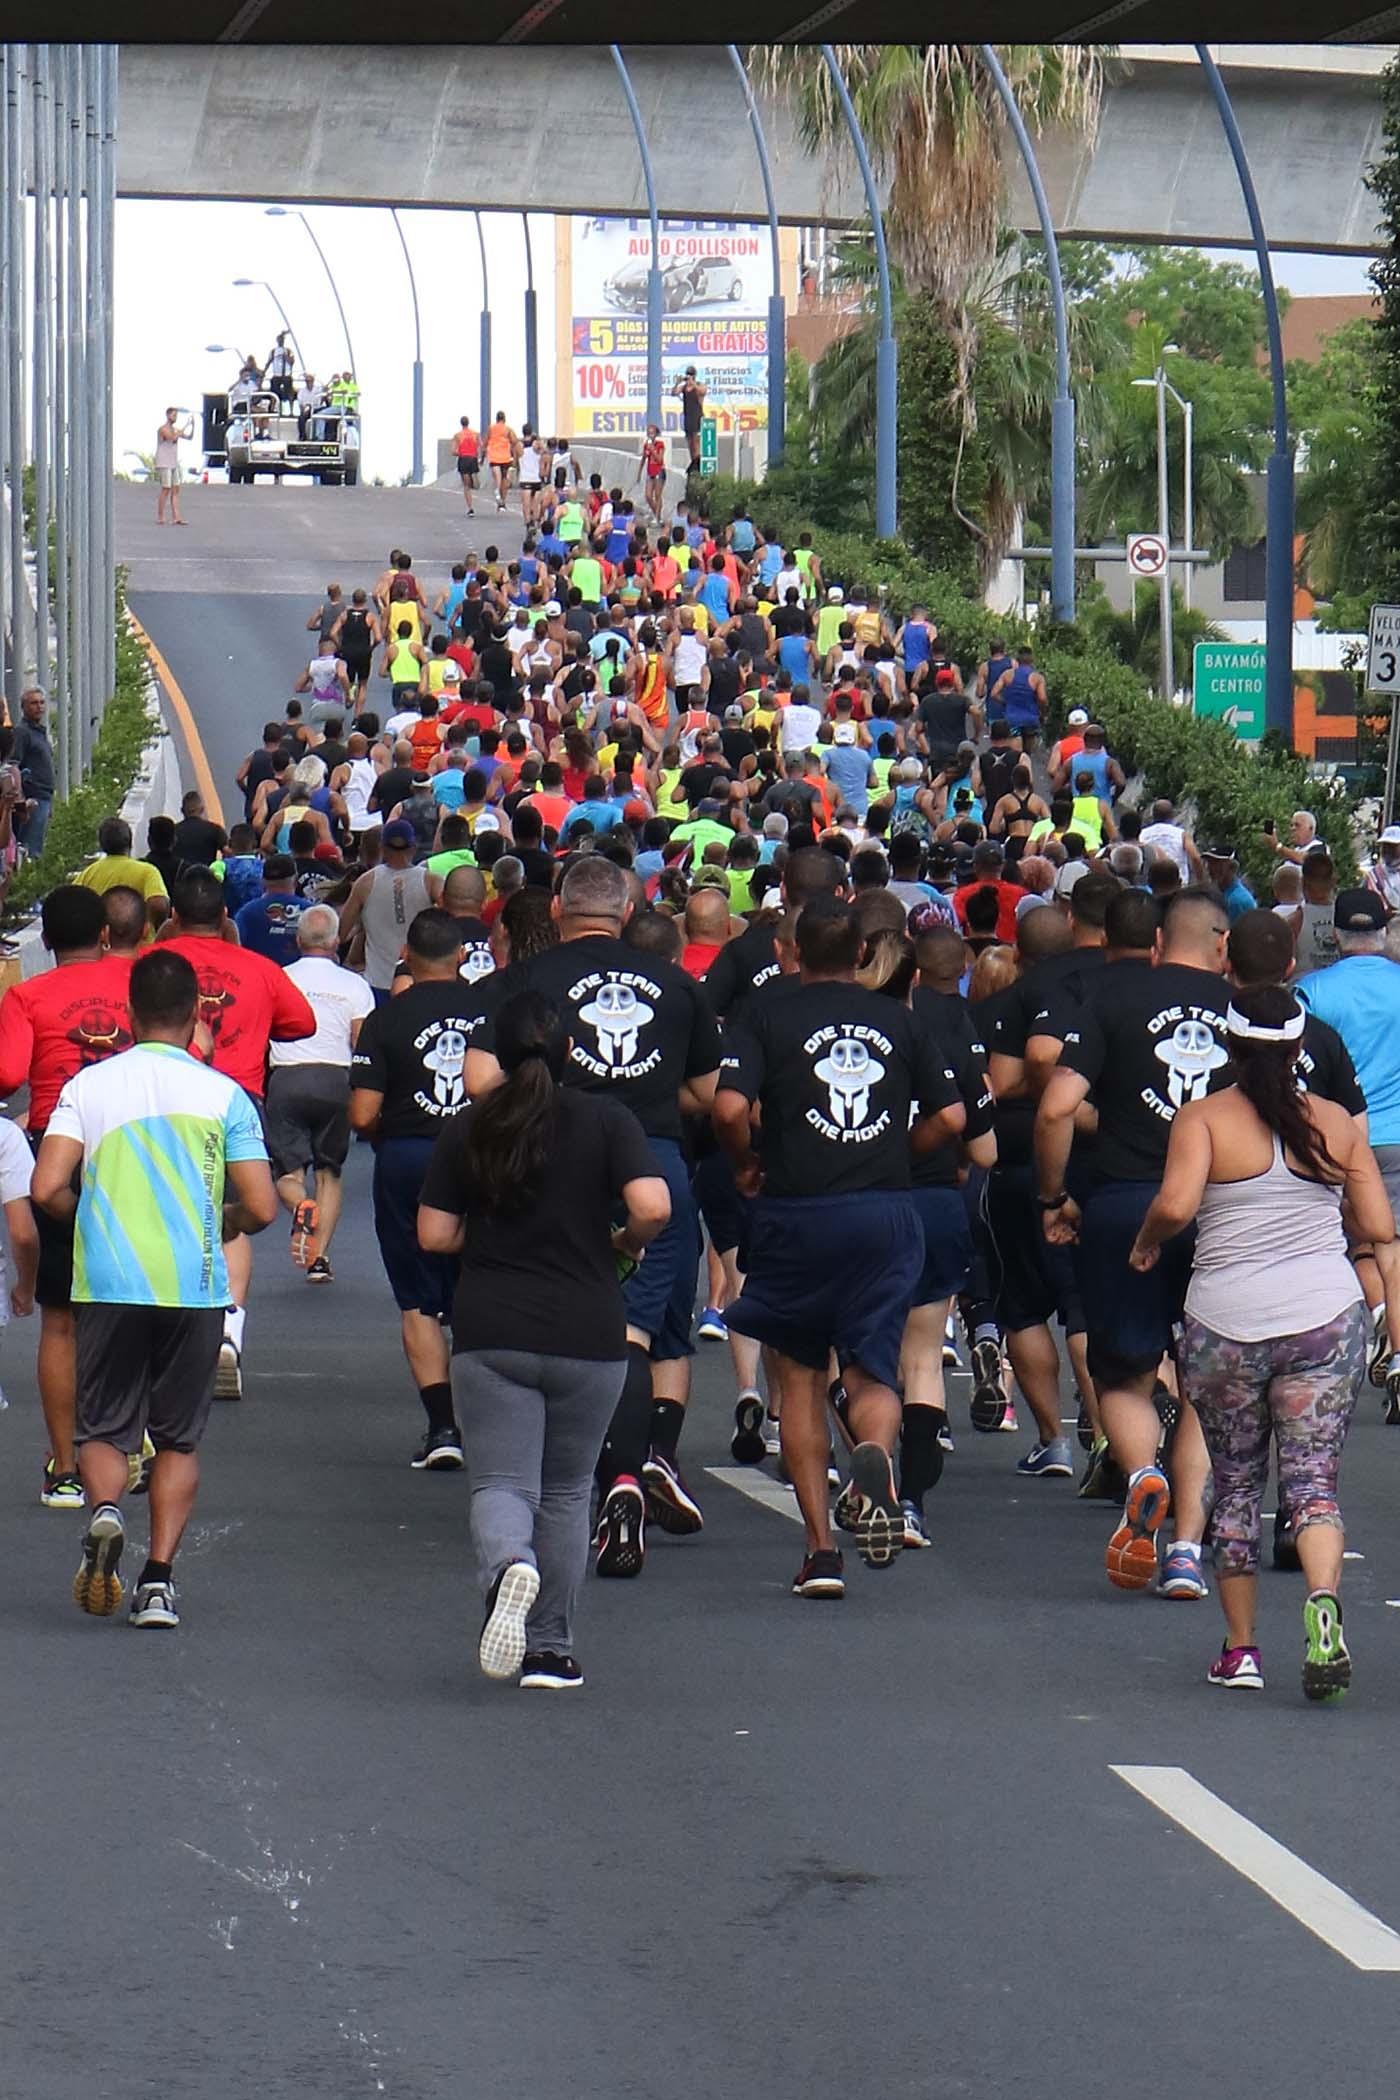 Maraton-Santa-Cruz-Edicion-29-2019-51